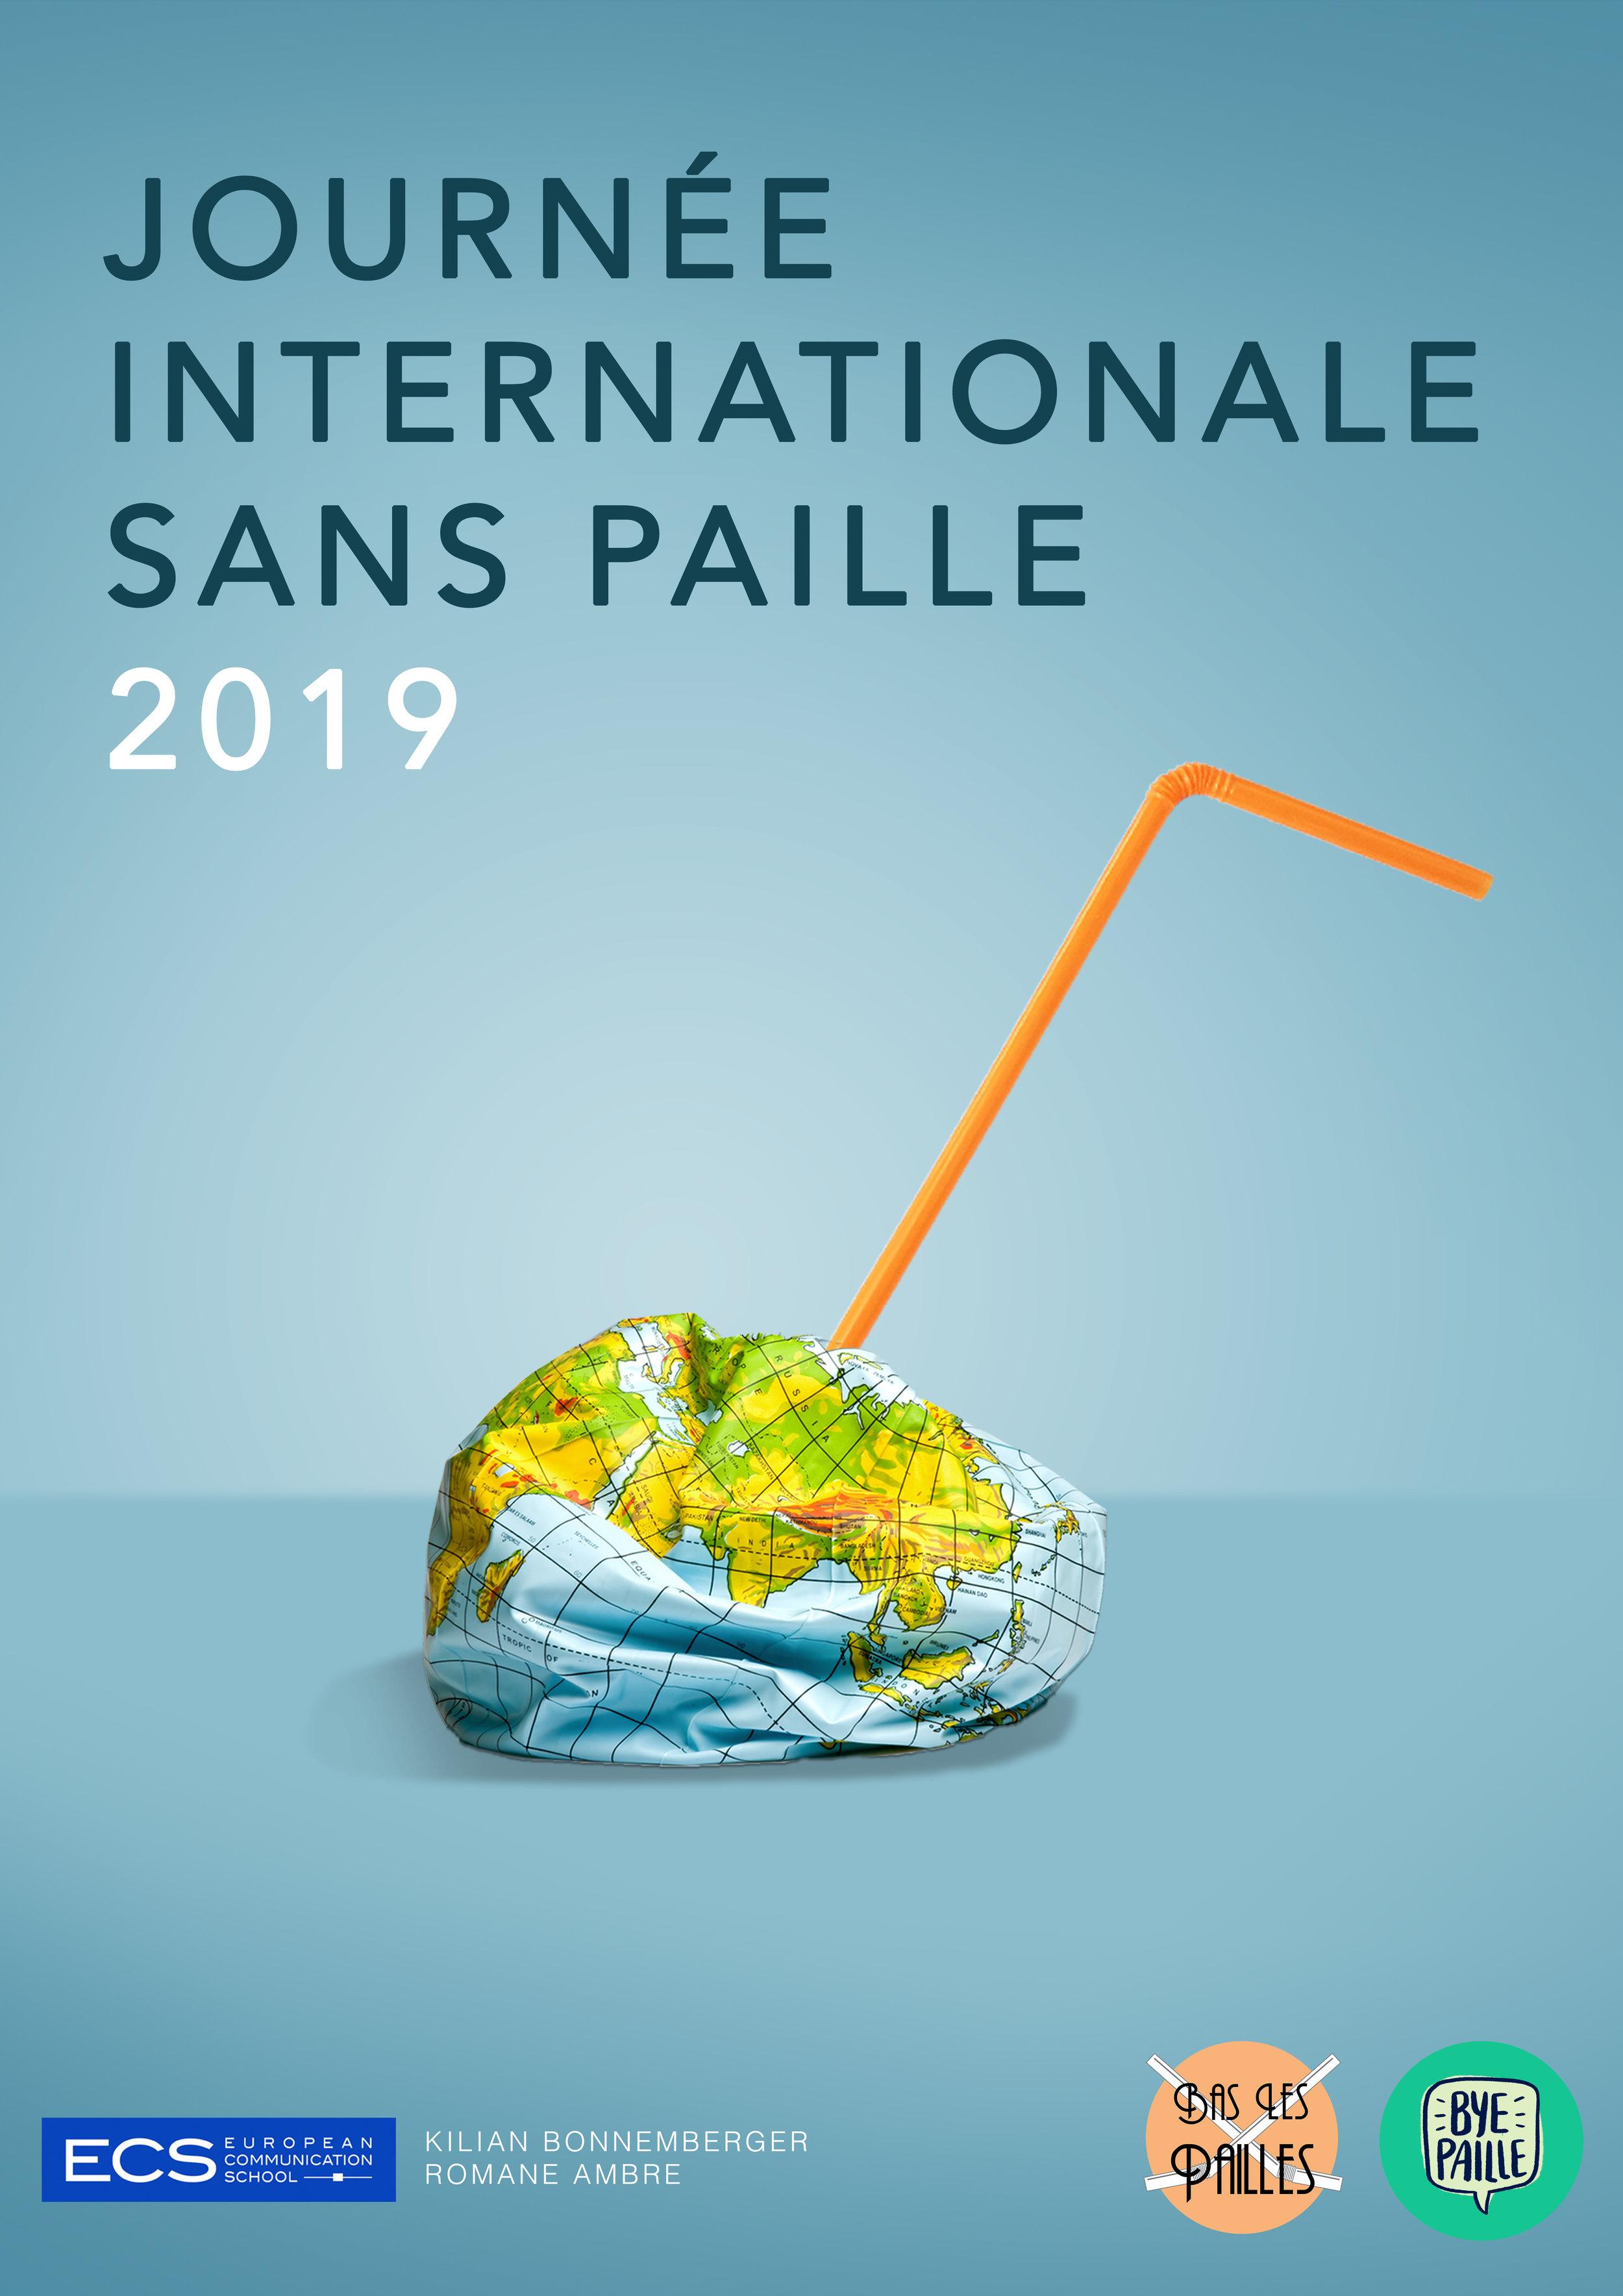 L'affiche de l'événement -